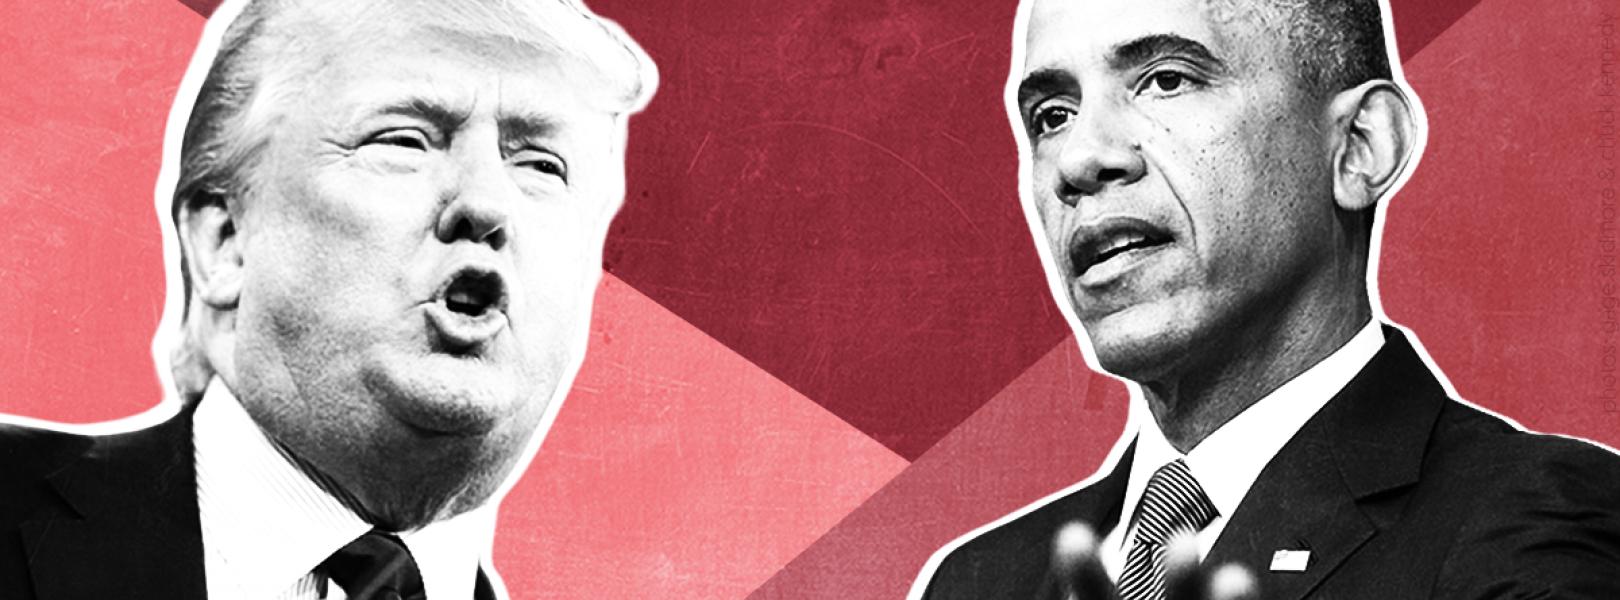 obama-trump-3.png